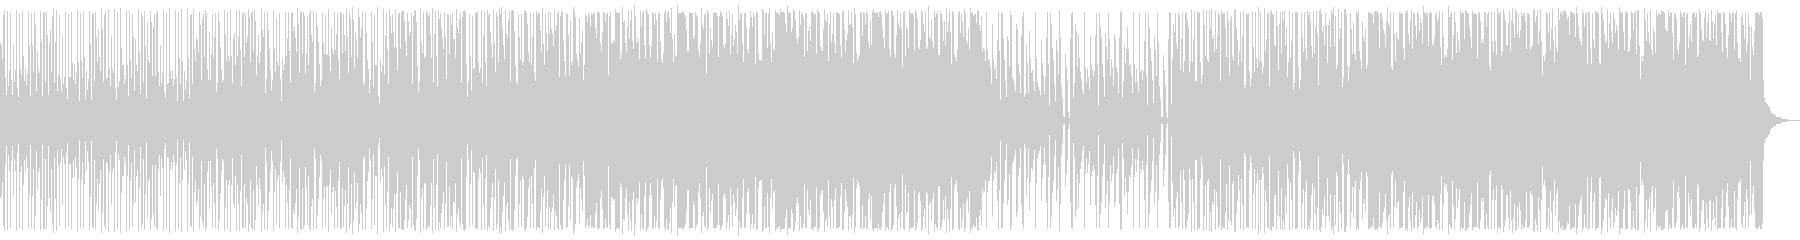 キラキラ/ハウス_No484_1の未再生の波形